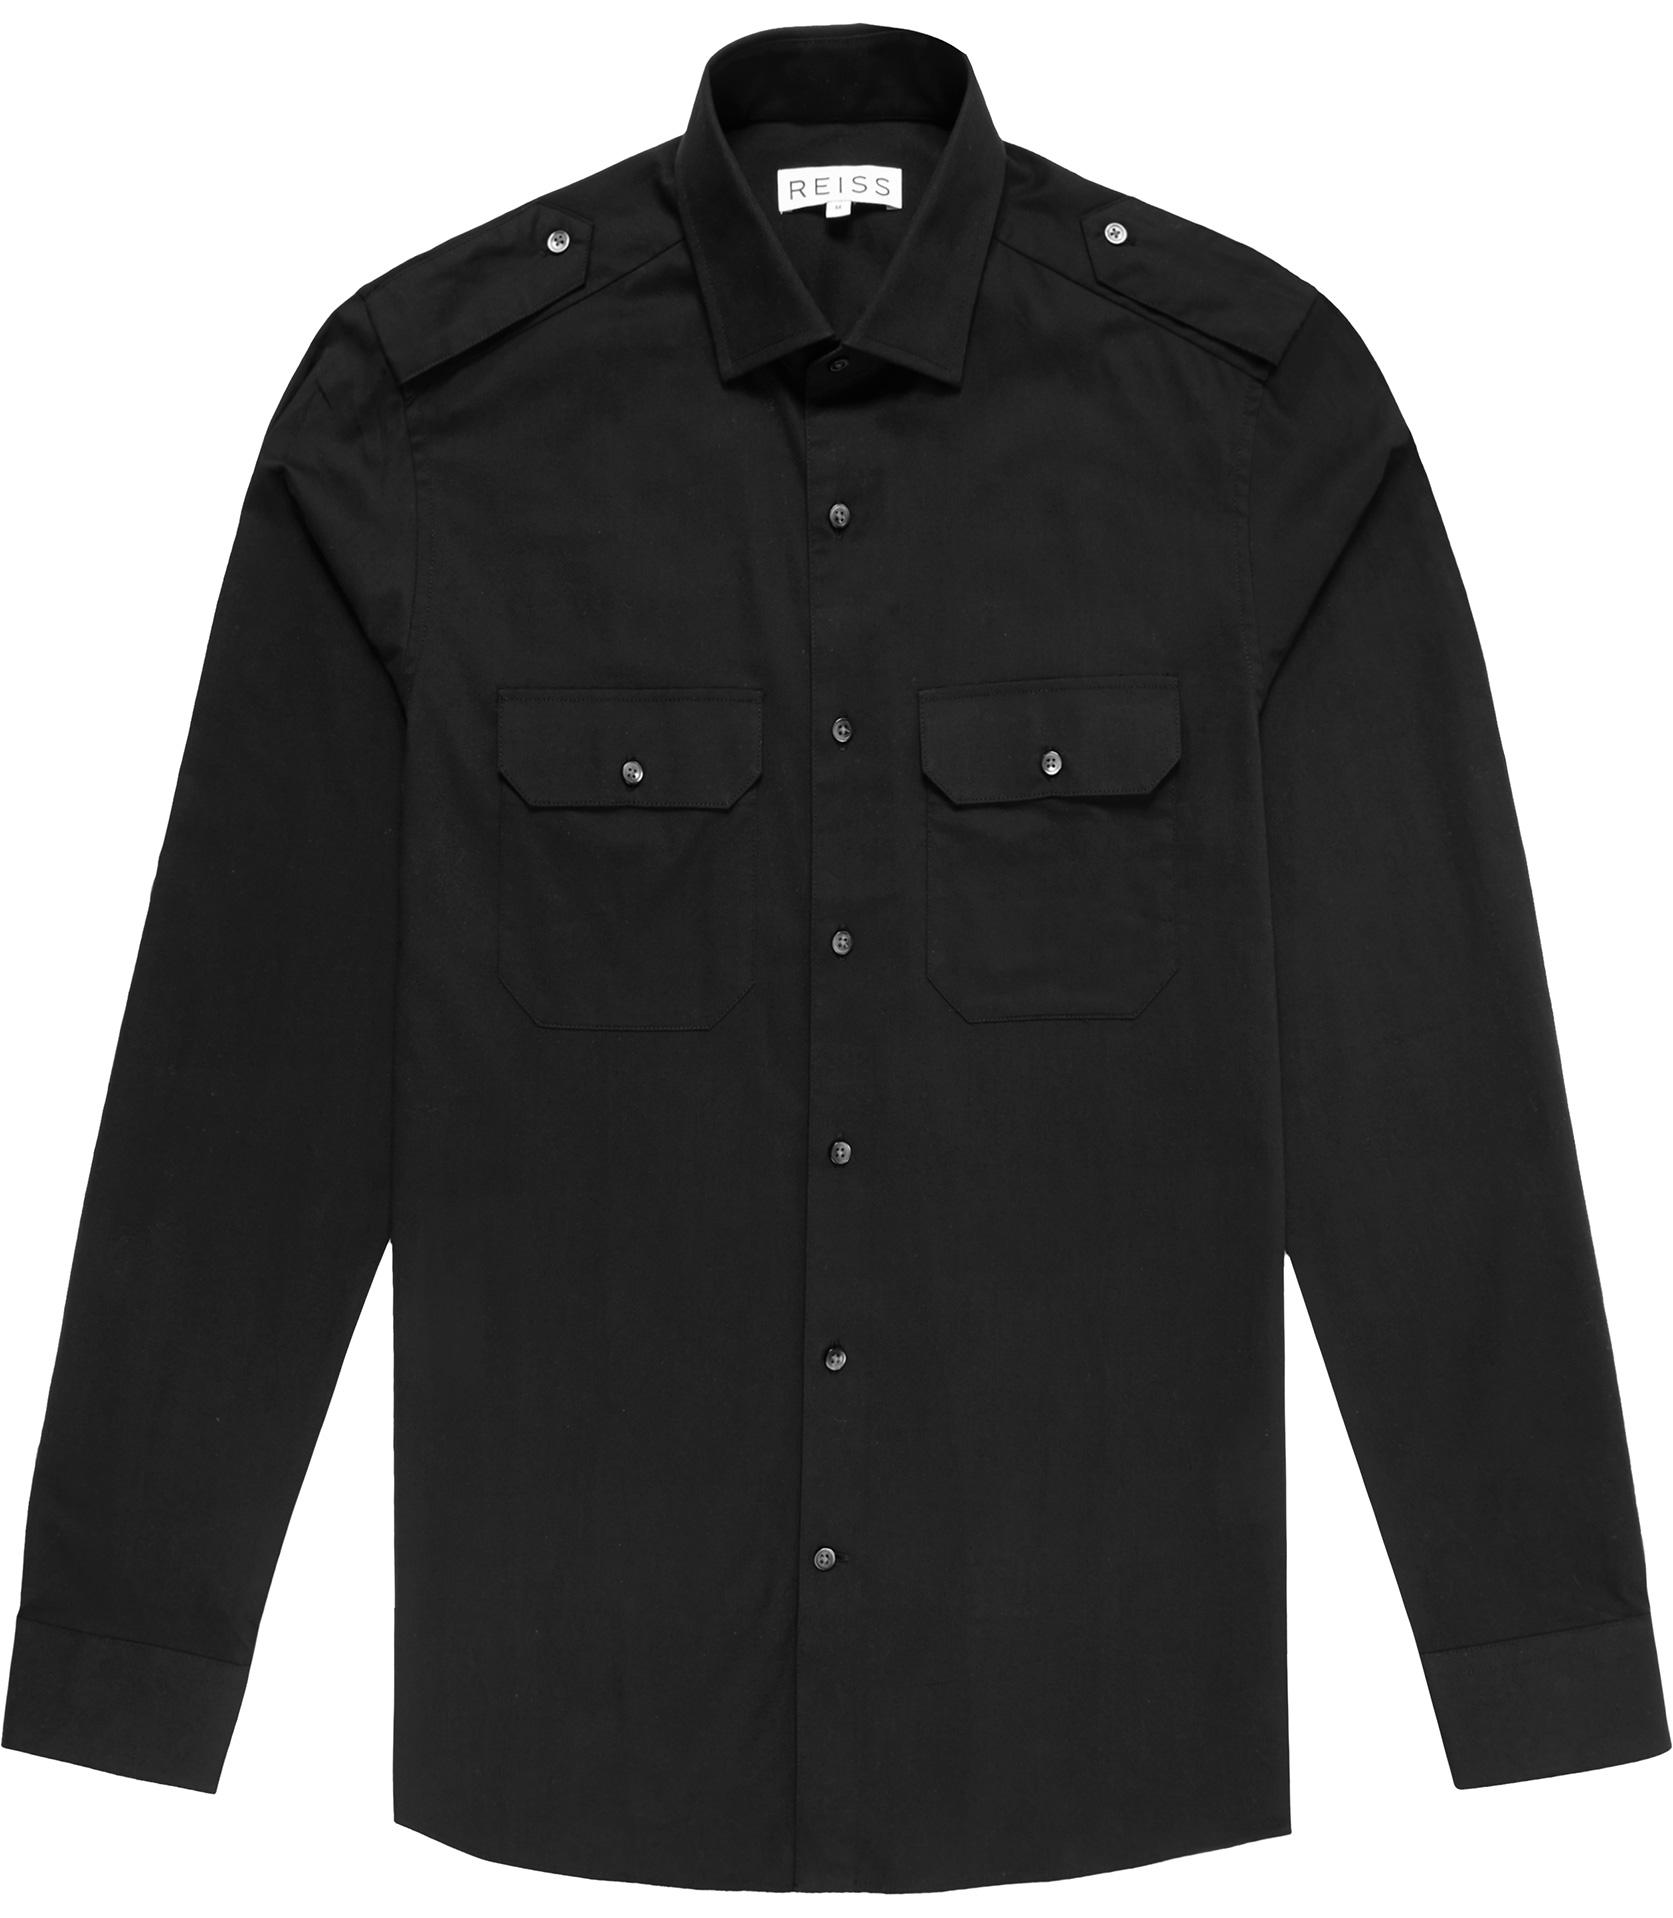 Reiss Dynamite Military Shirt in Black for Men | Lyst